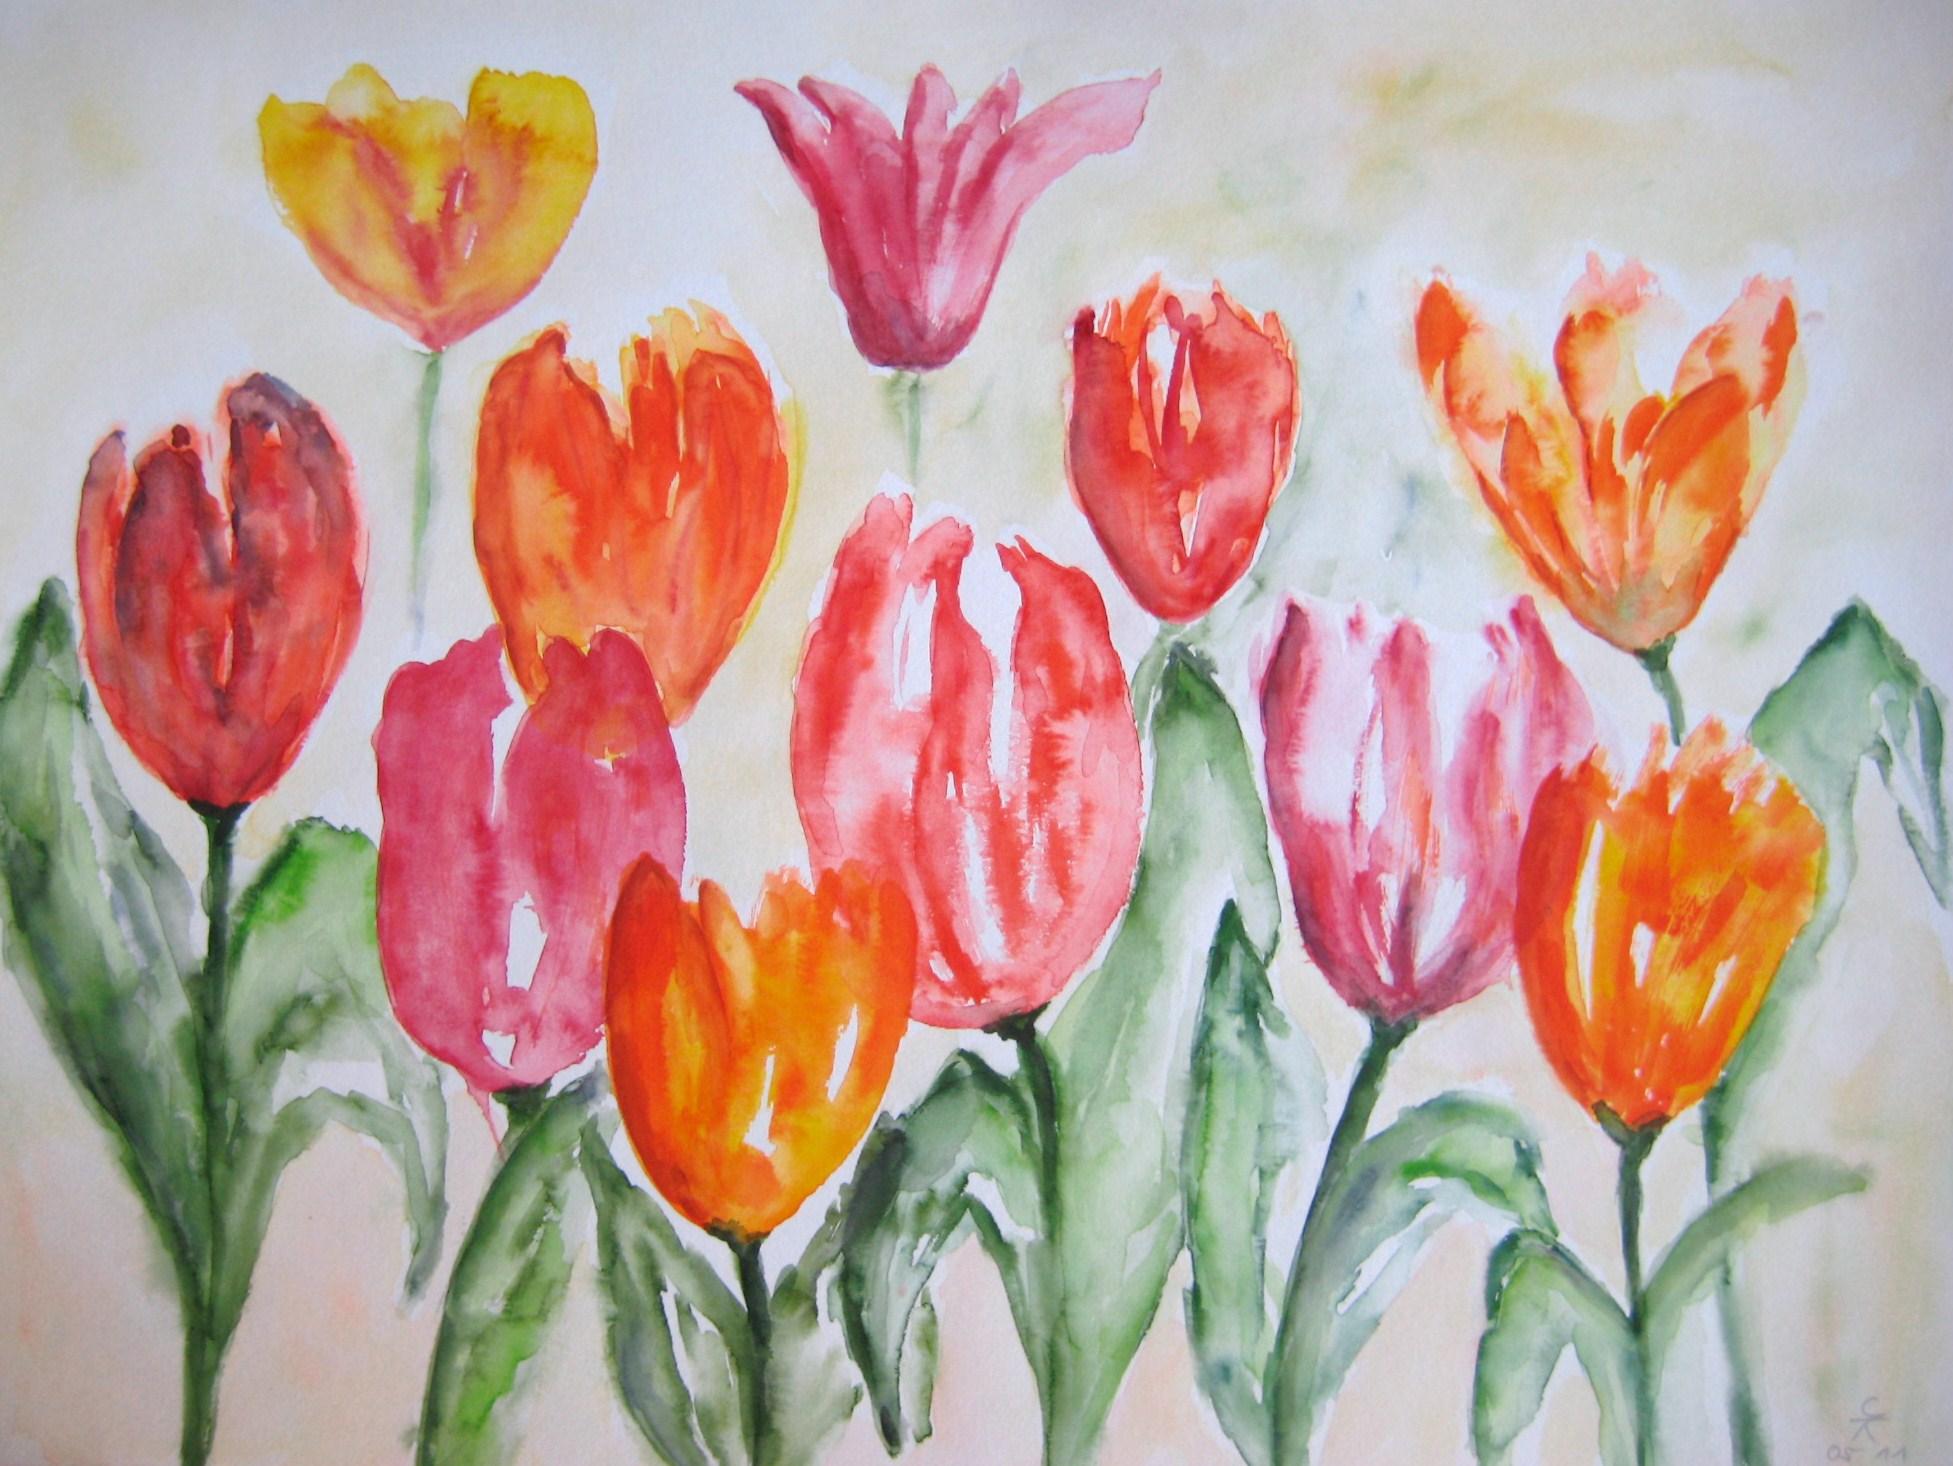 Tulpen I, 39x49 (2013)